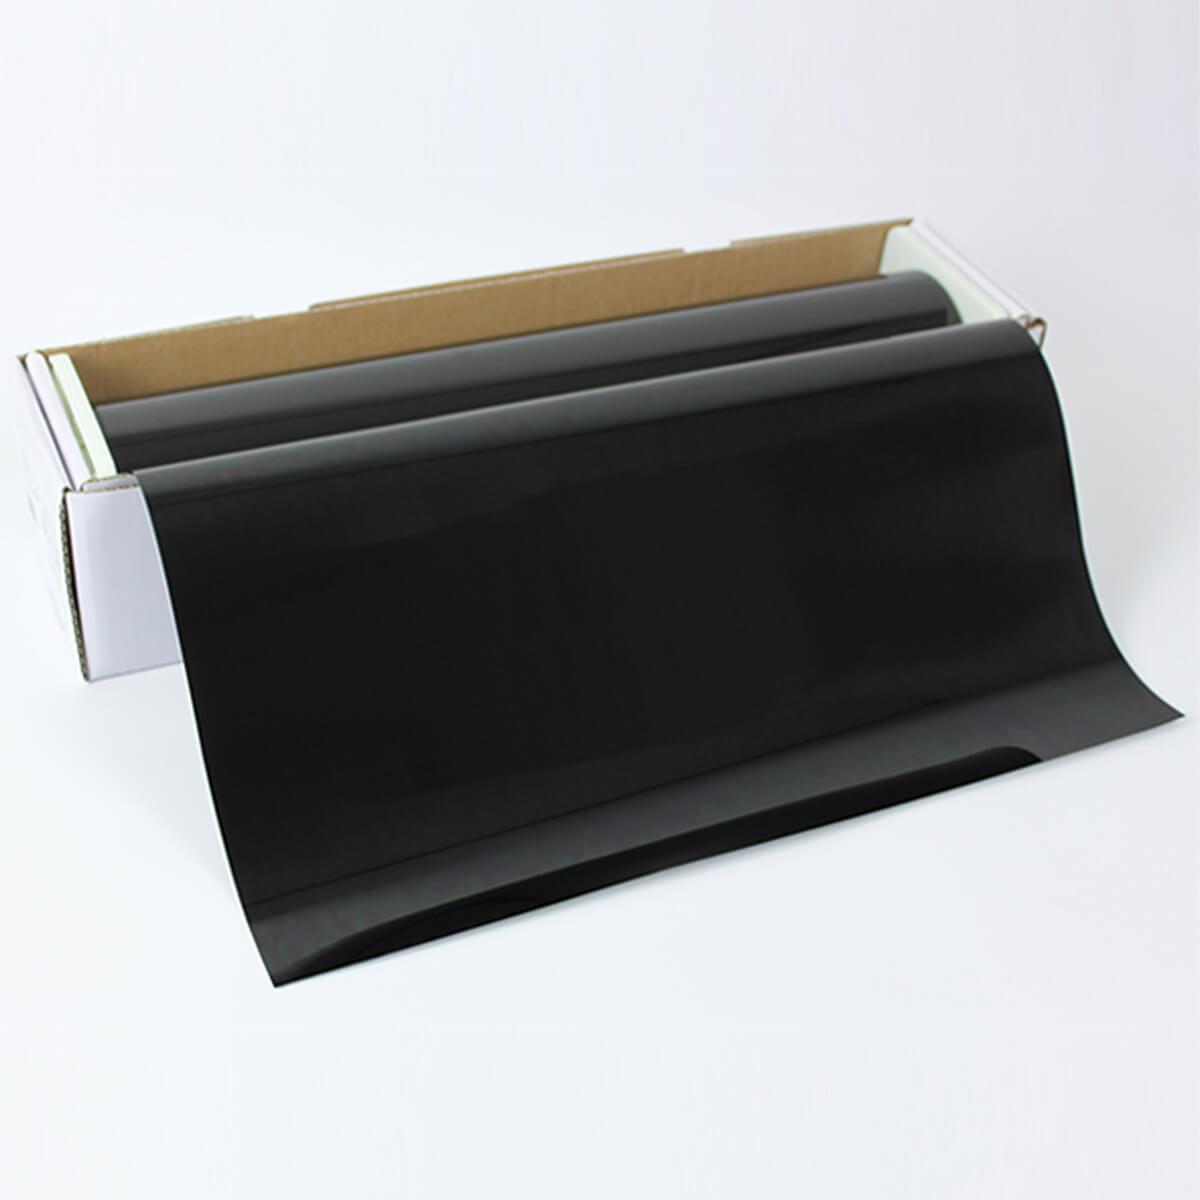 送料無料 ウィンドウフィルム 窓ガラスフィルム ブラックアウト 1.5m幅×30mロール箱売 完全不透明フィルム プライバシーフィルム 遮熱フィルム 断熱フィルム UVカットフィルム ブレインテック Braintec